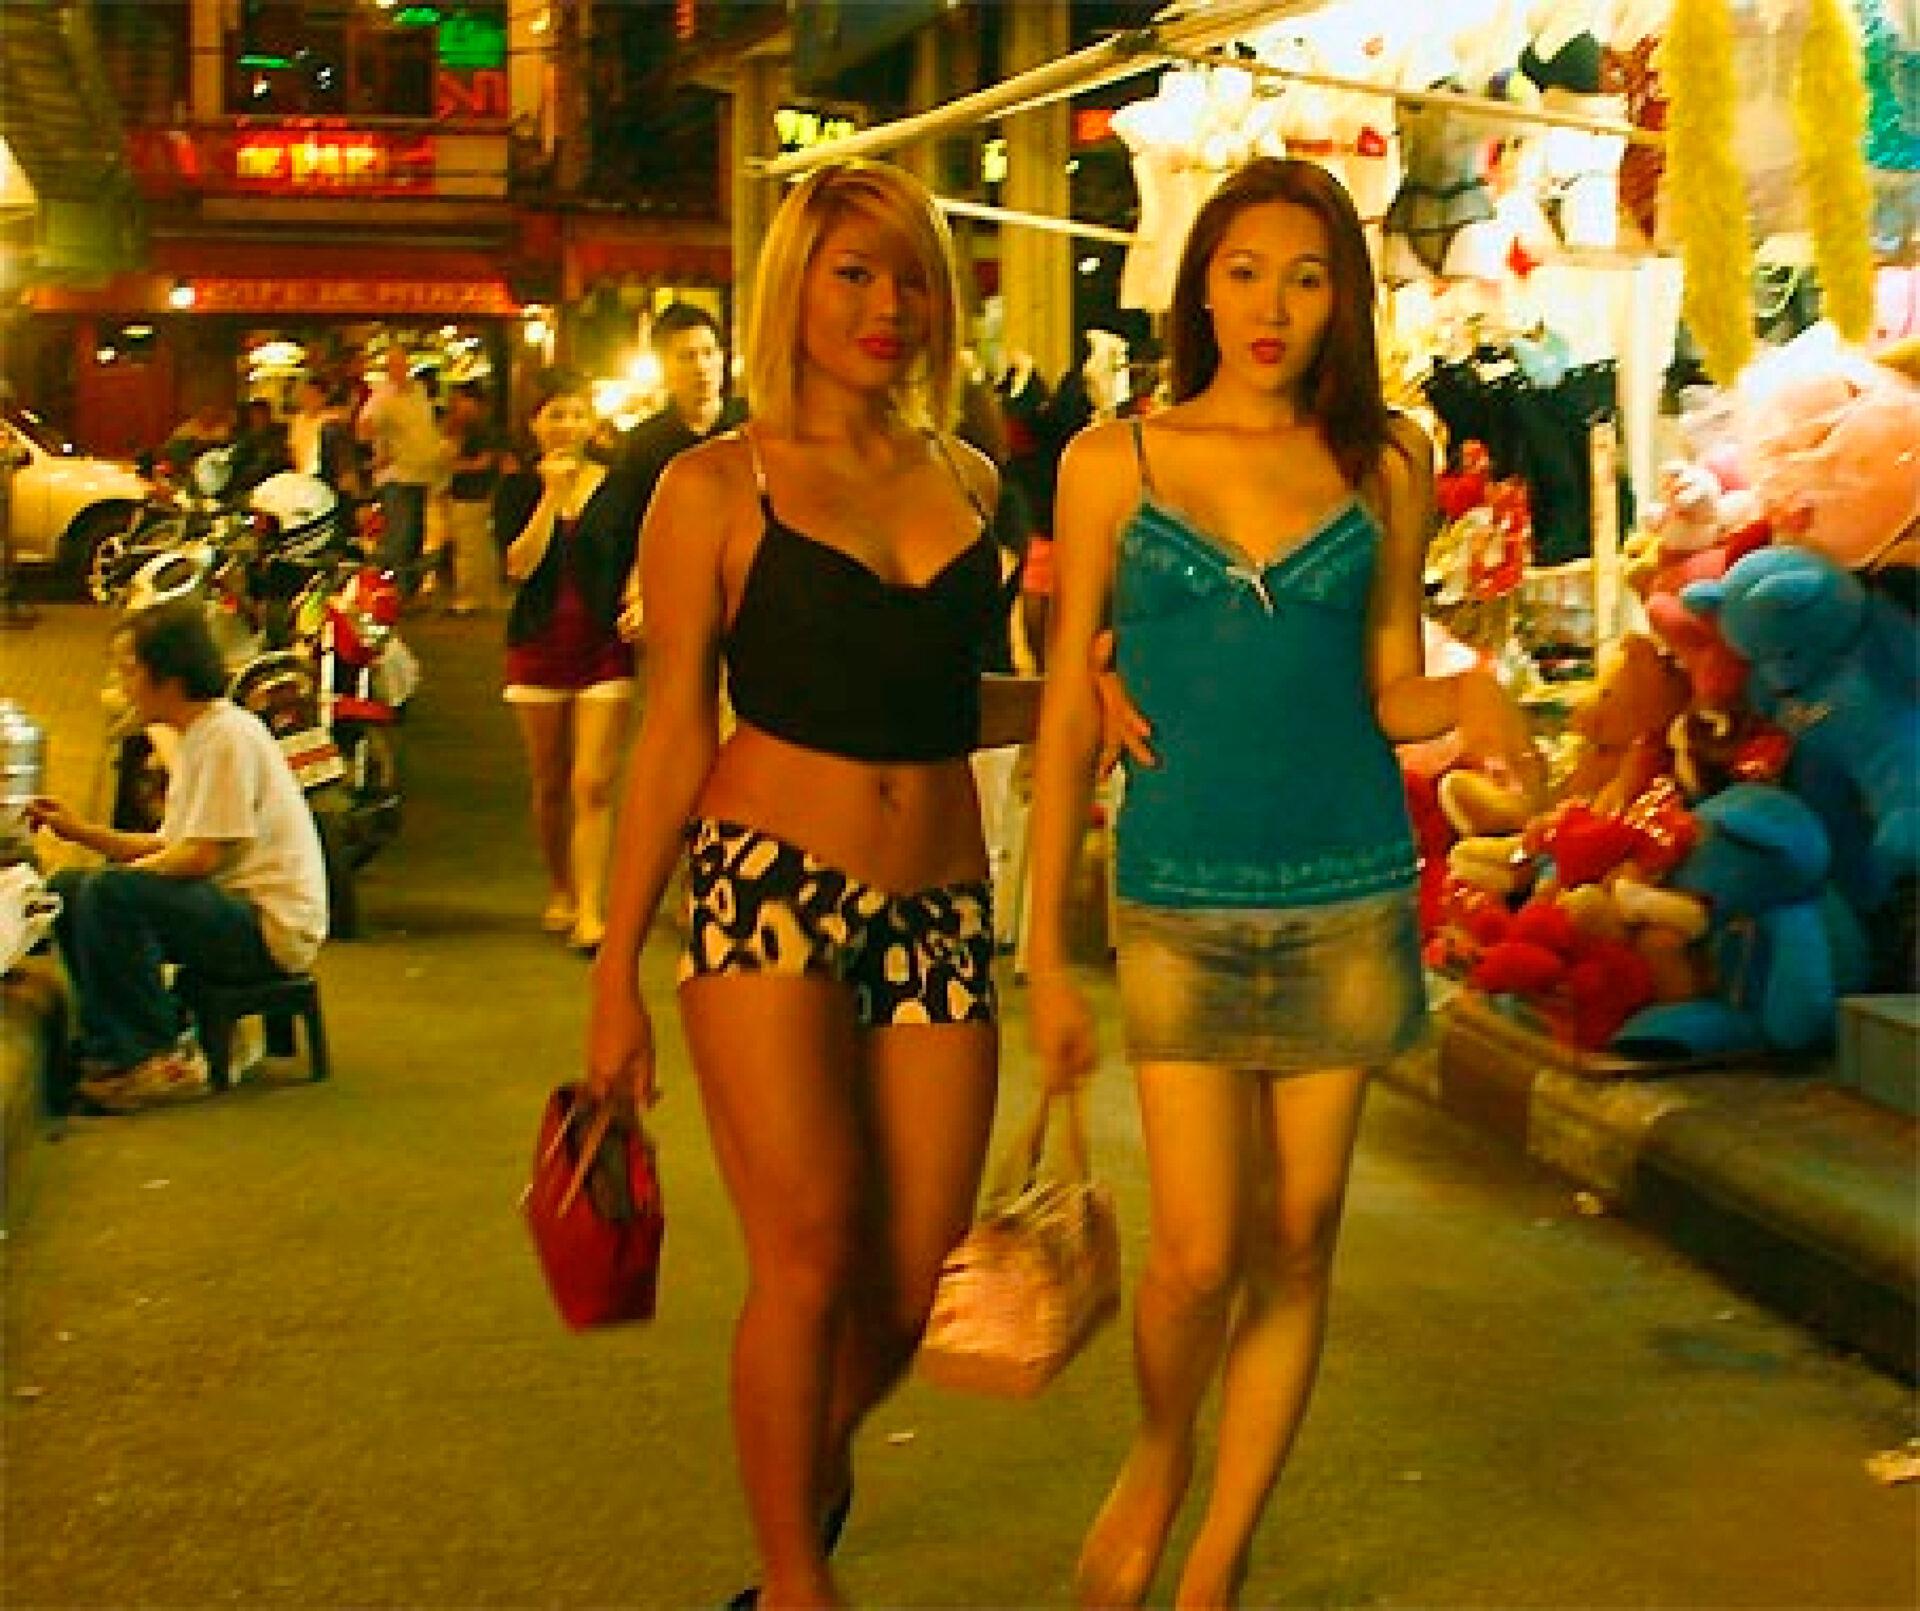 Где снять проститутки на пхукете проститутки новая каховка